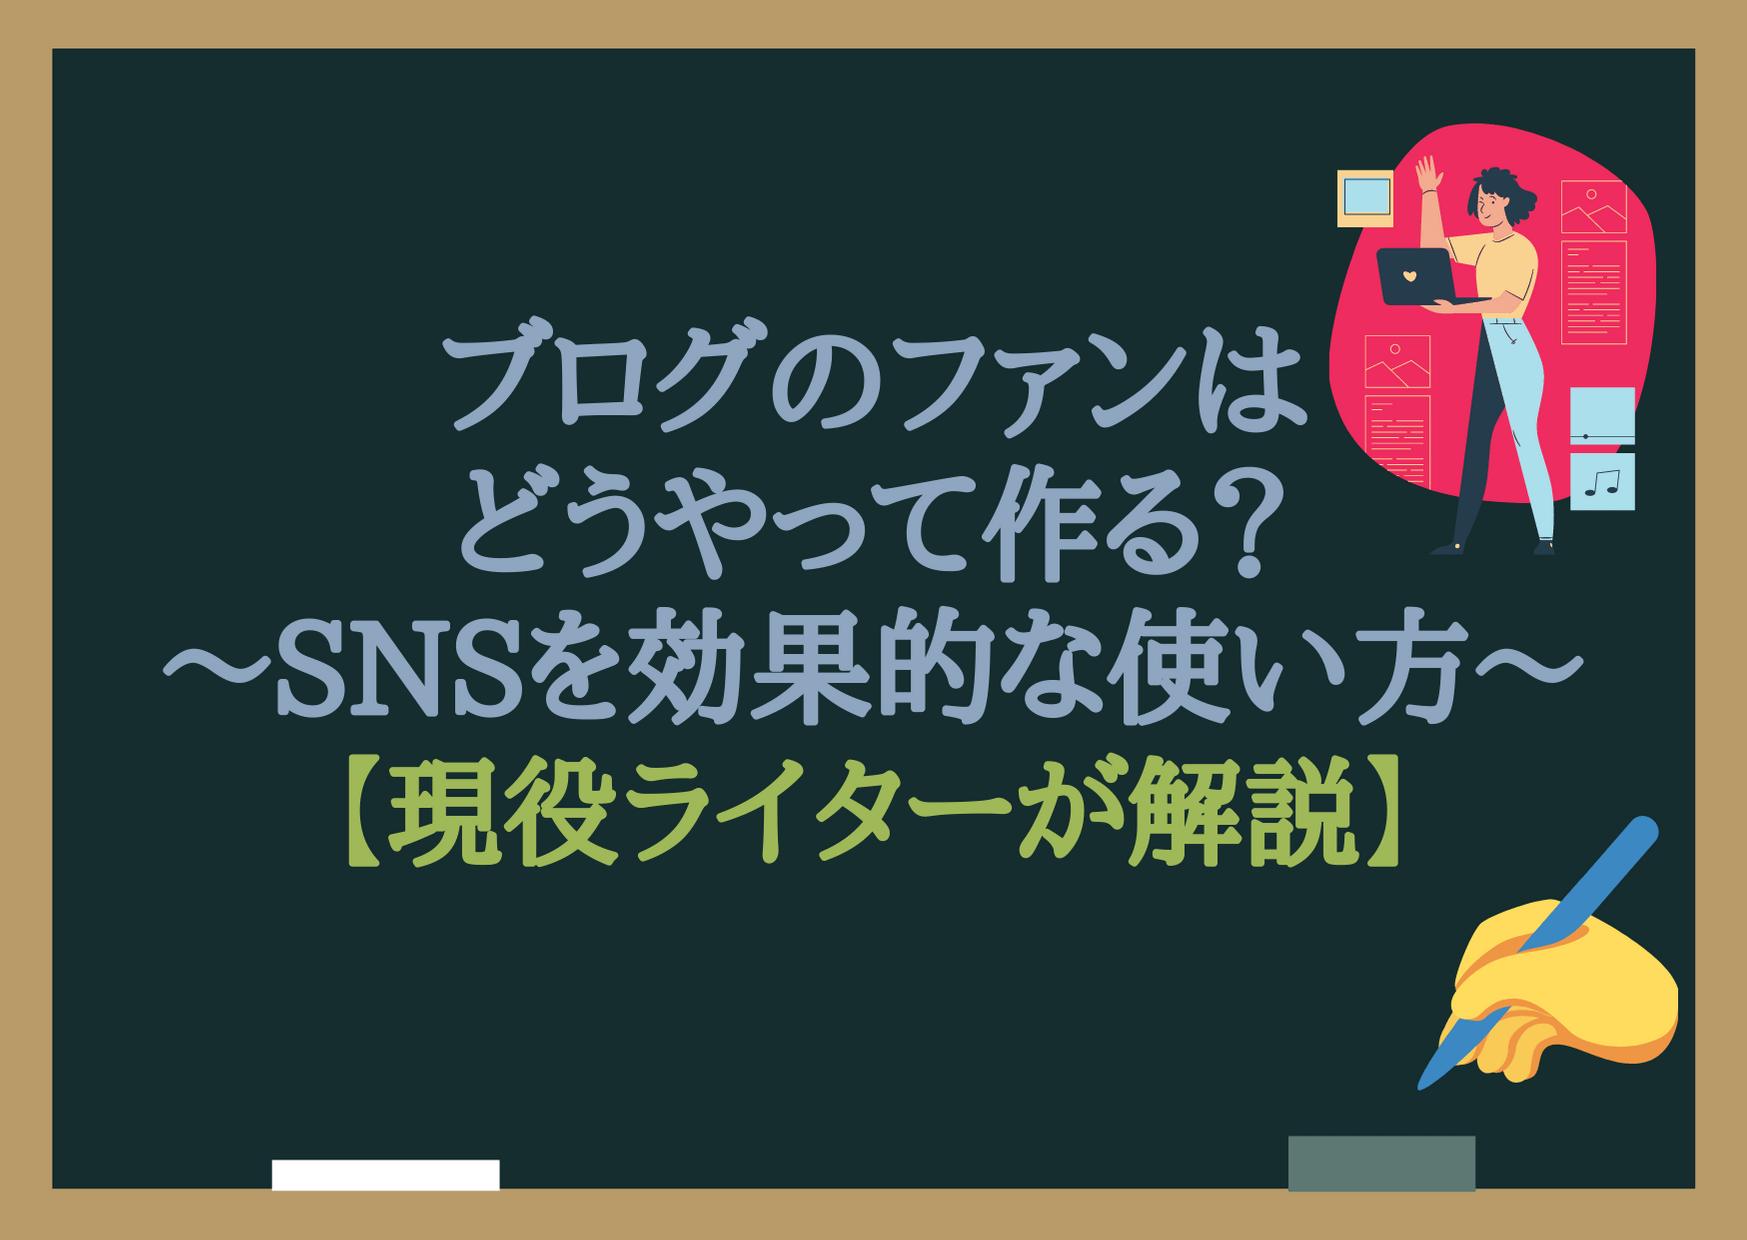 ブログのファンはどうやって作るの?効果的なSNSの使い方とは?